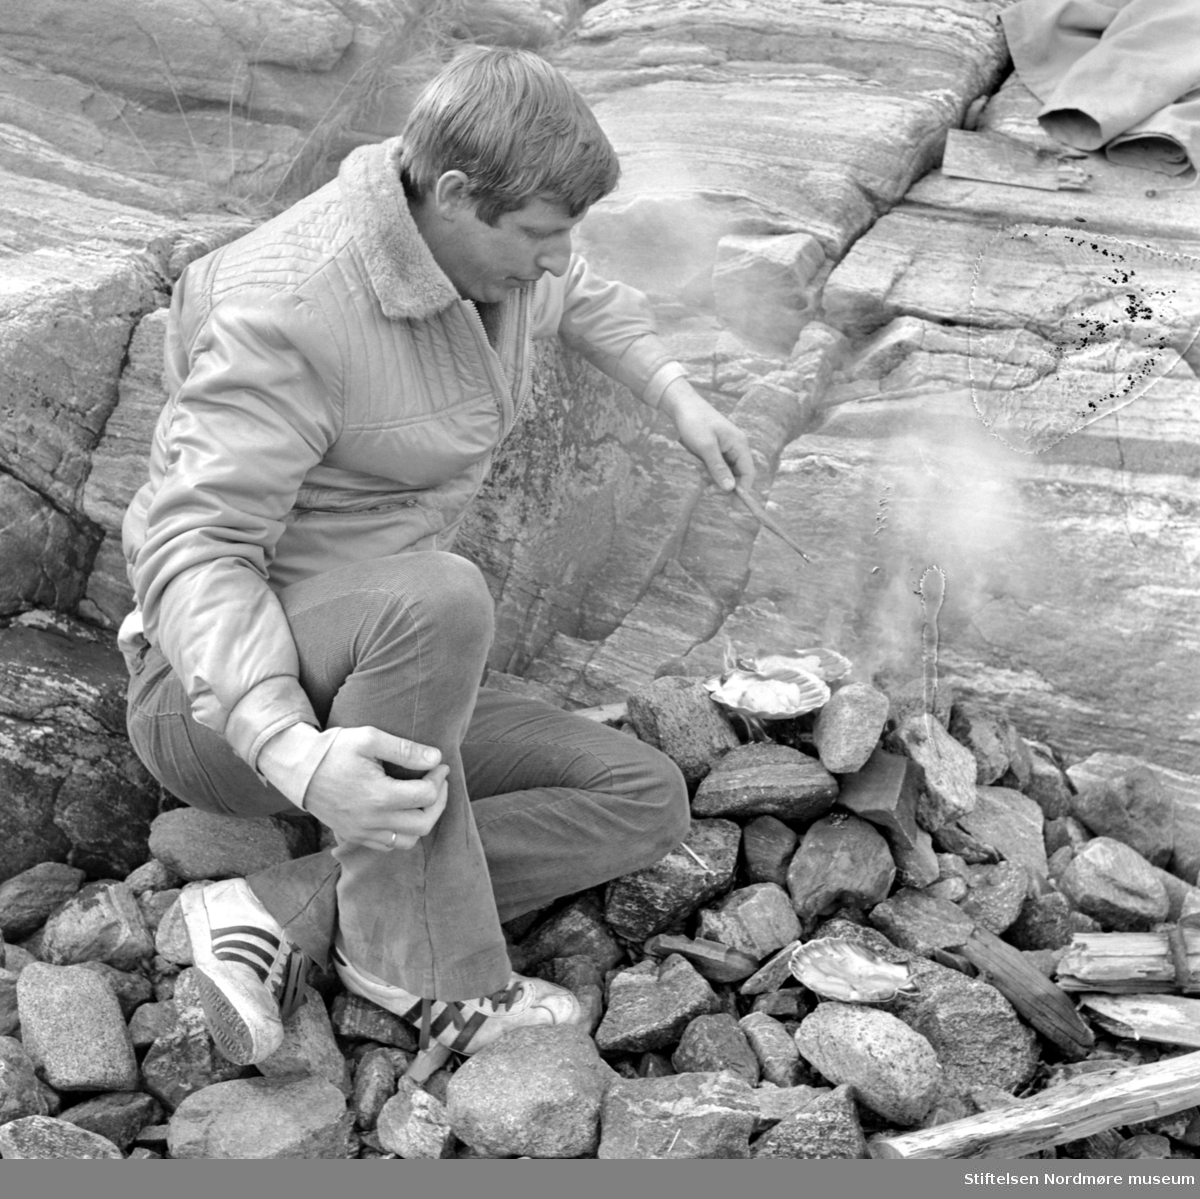 Fra en reportasje i Aftenposten om fiske mm. fra Vågen. Se brev 261/84, Arkiv nr. 44. Her ser vi fra tilberedingen av skjellene. Bildet er i serie med 1984/31:1 (KMb-1984-031.0001.jpg), og som er datert juni 1971. Fra Nordmøre Museums fotosamlinger.